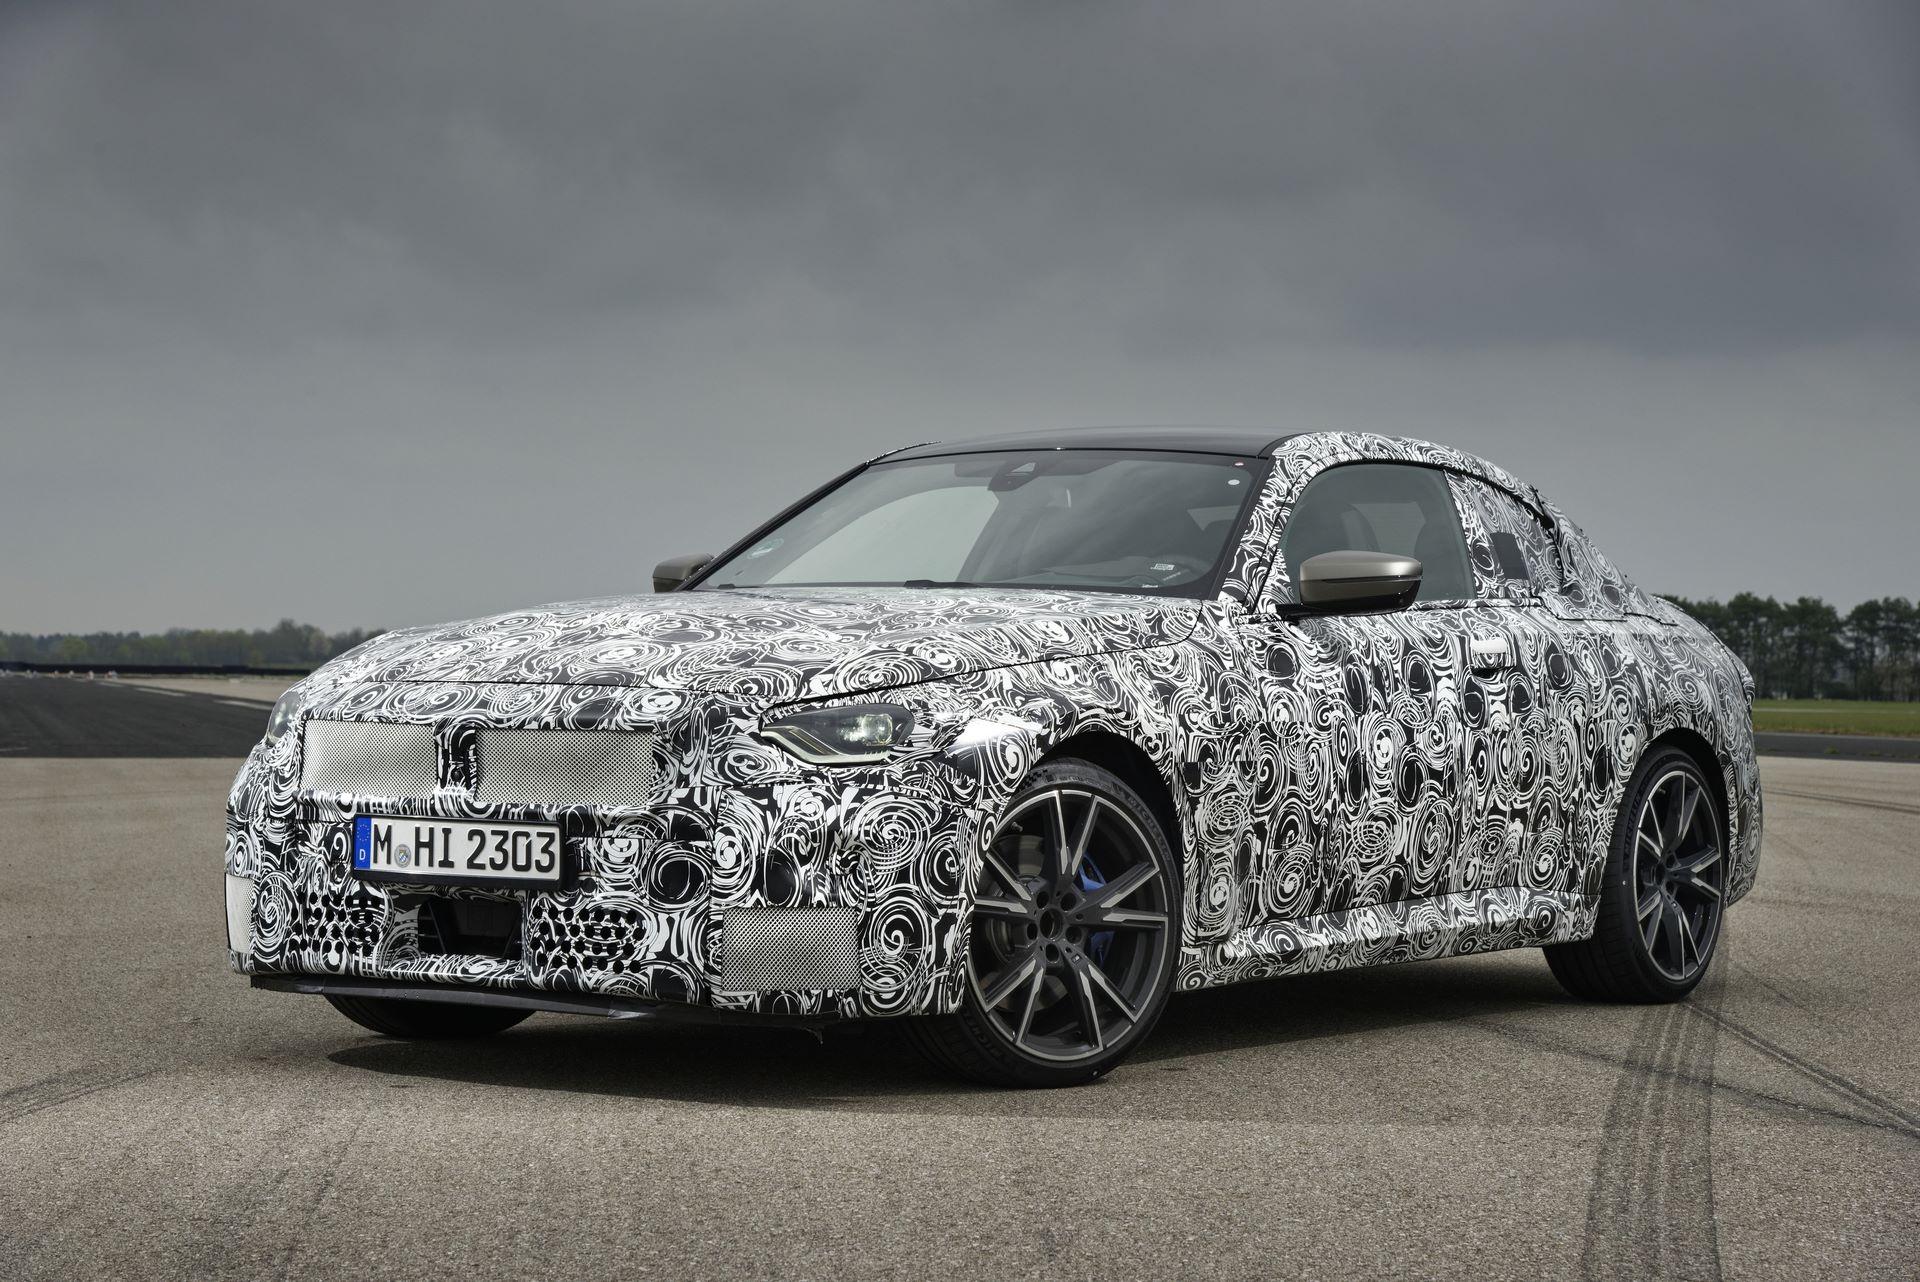 BMW-2-Series-M240i-spy-photos-102